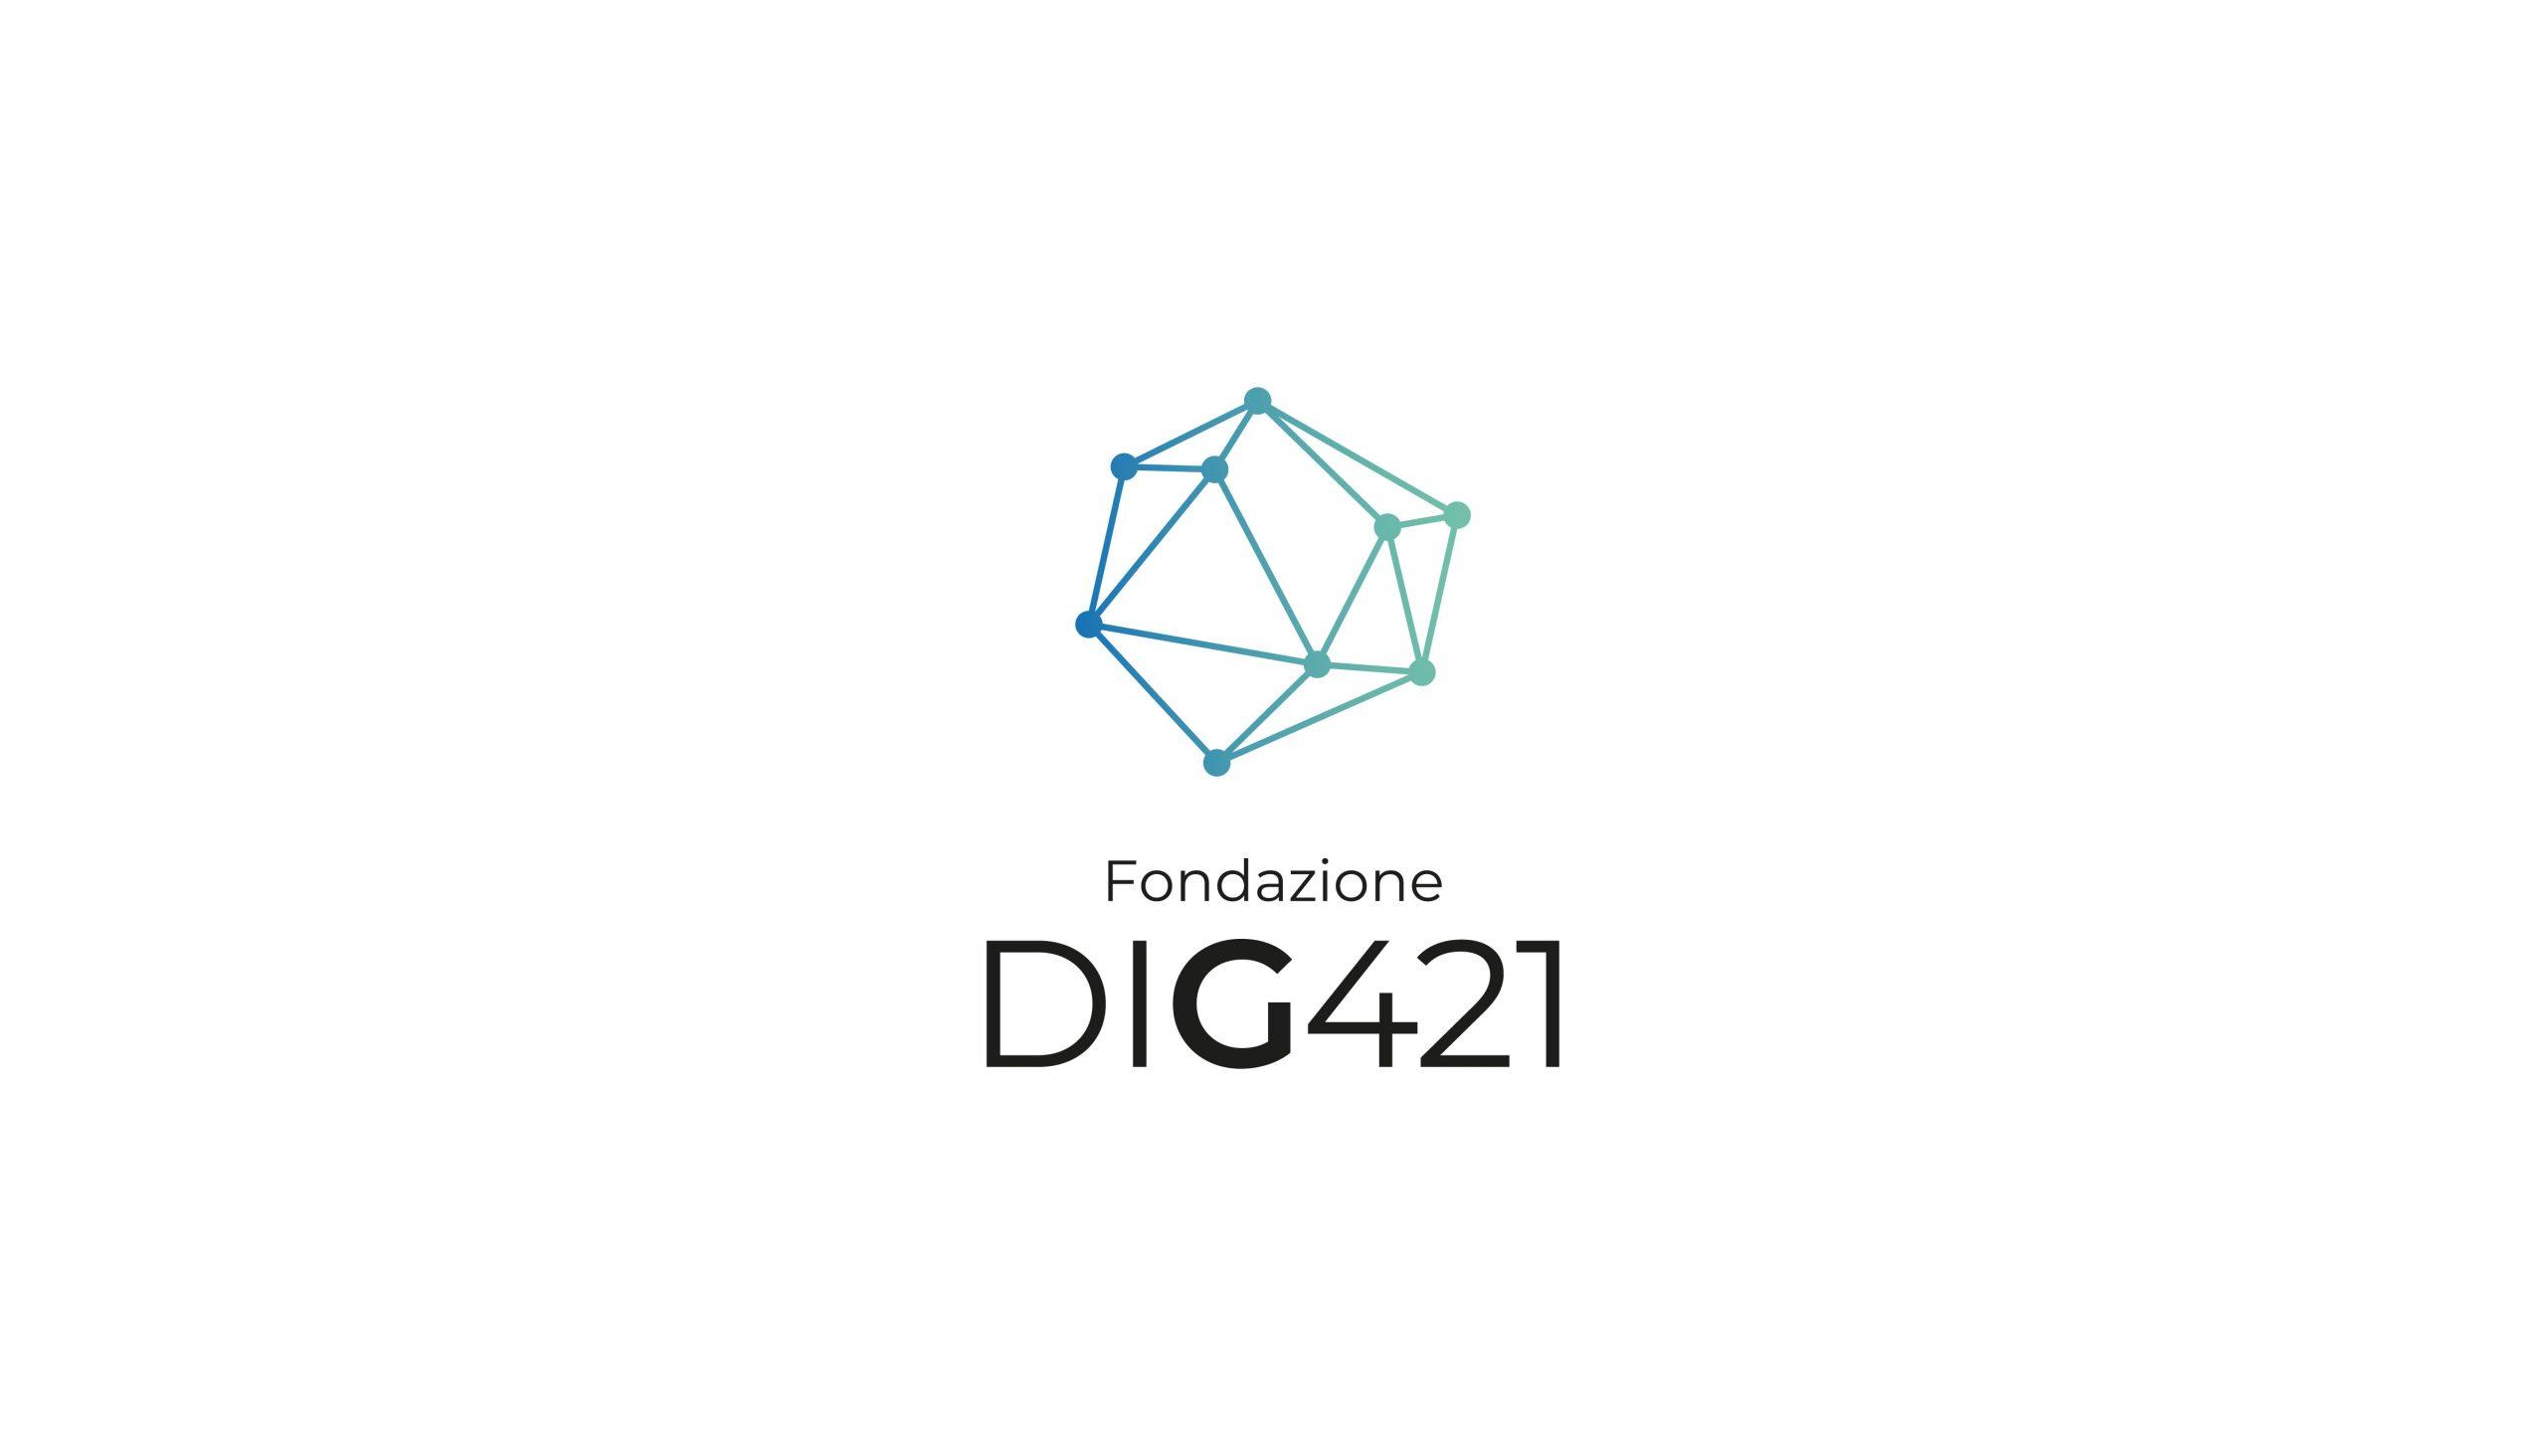 DIG421 Logo